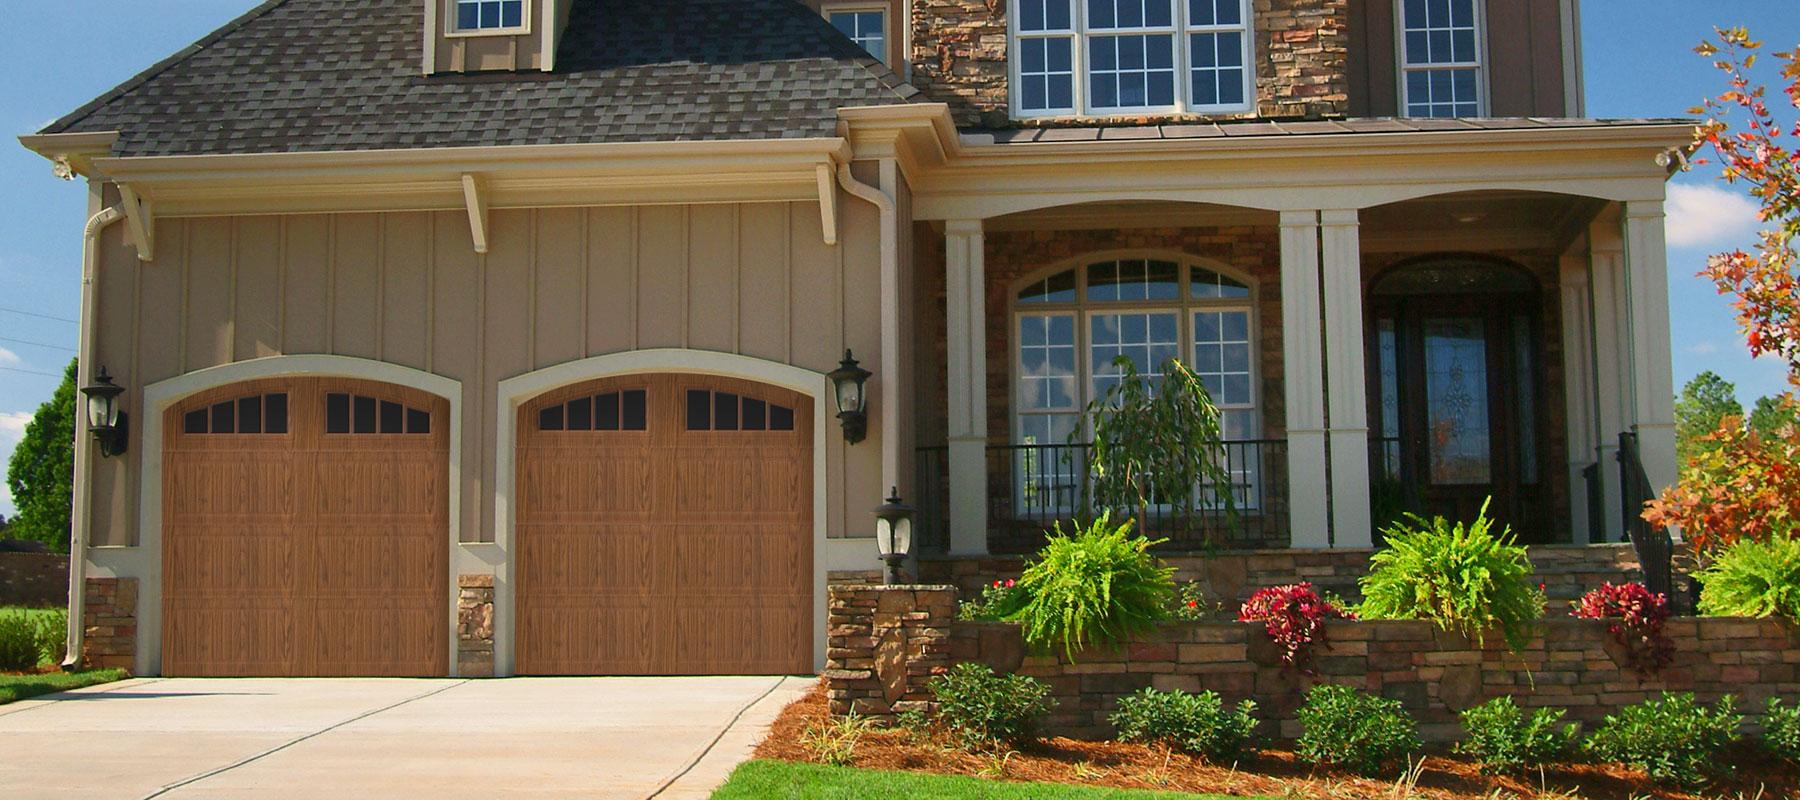 3640 Grooved Panel Garage Door